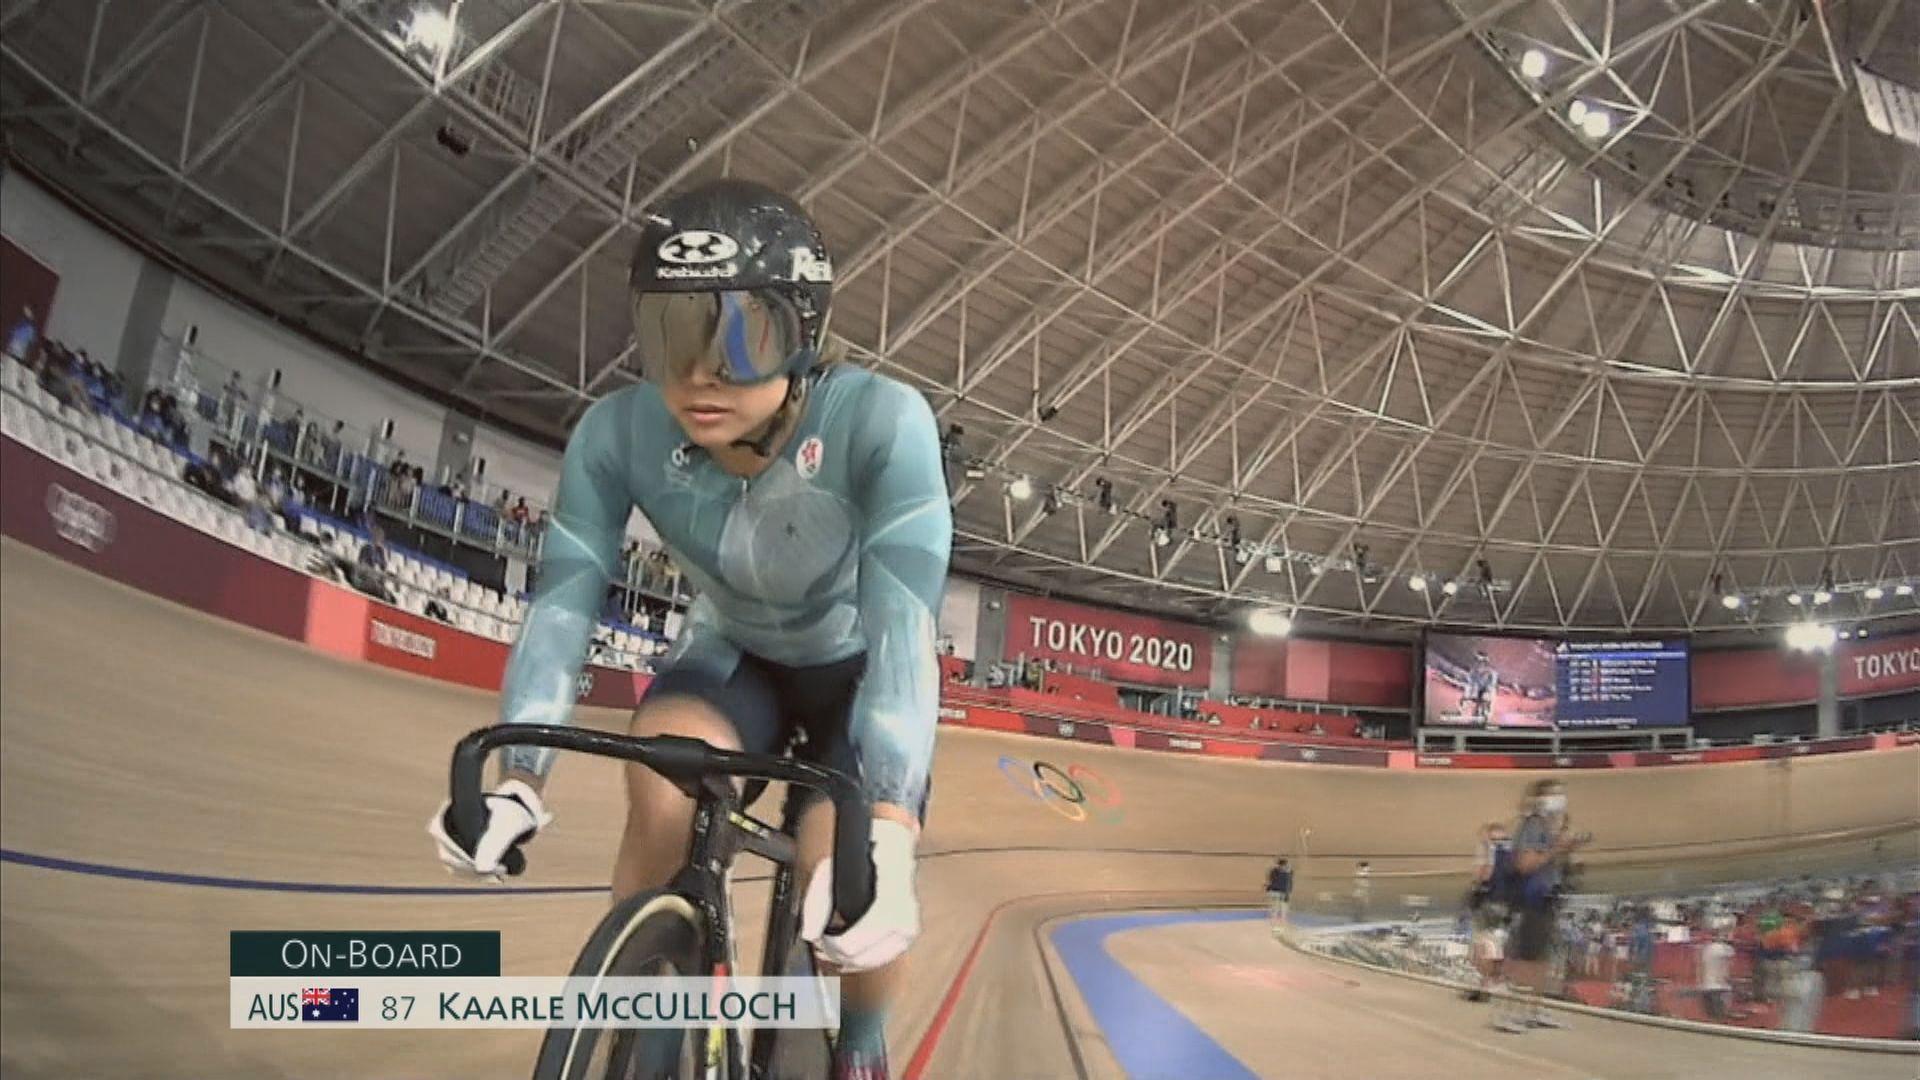 奧運場地單車凱林賽 李慧詩晉級李海恩出局